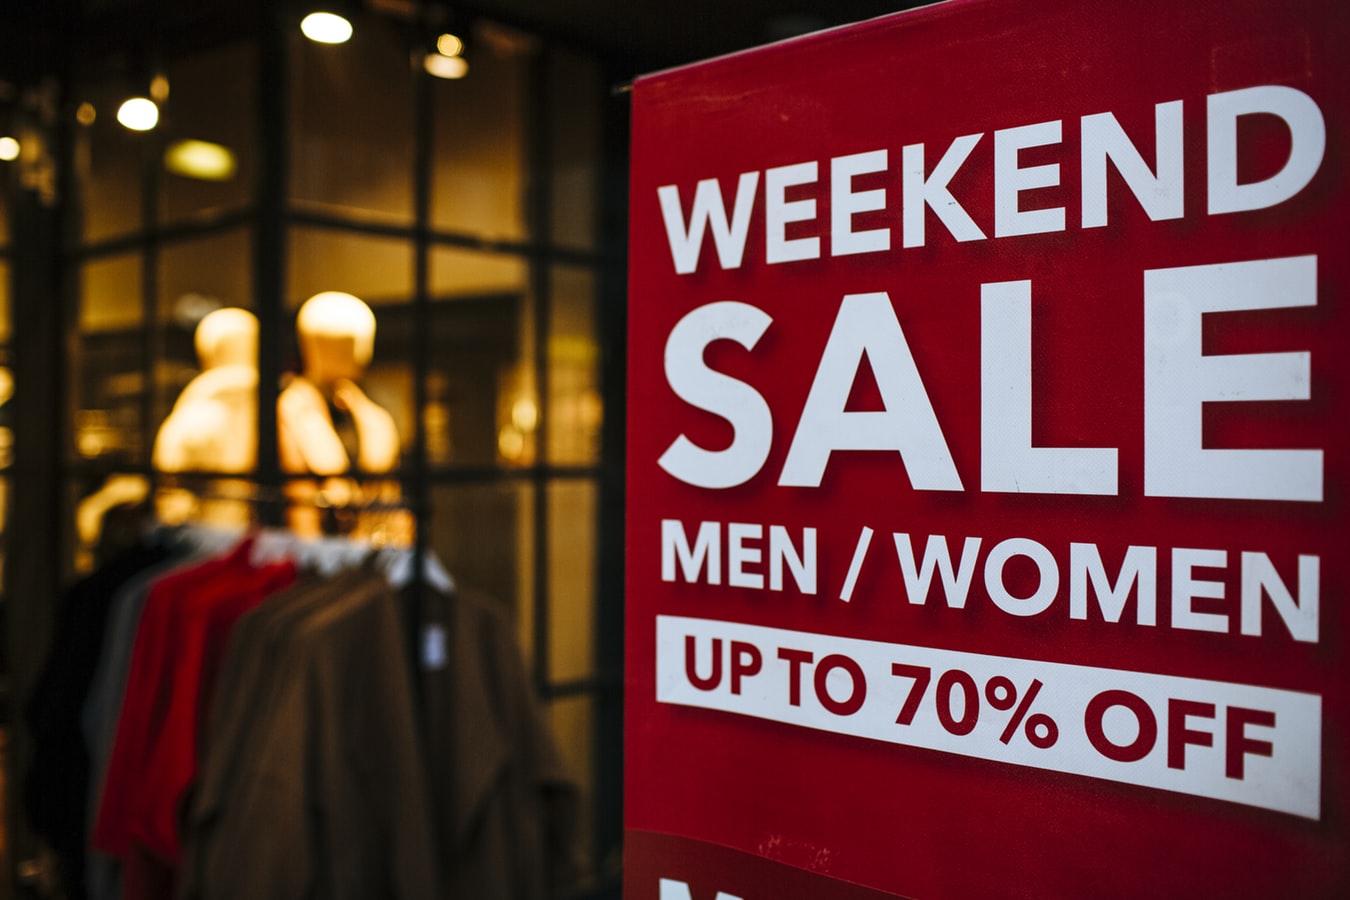 mua sắm thông minh mùa cuối năm - marketing tạo cảm giác gấp rút